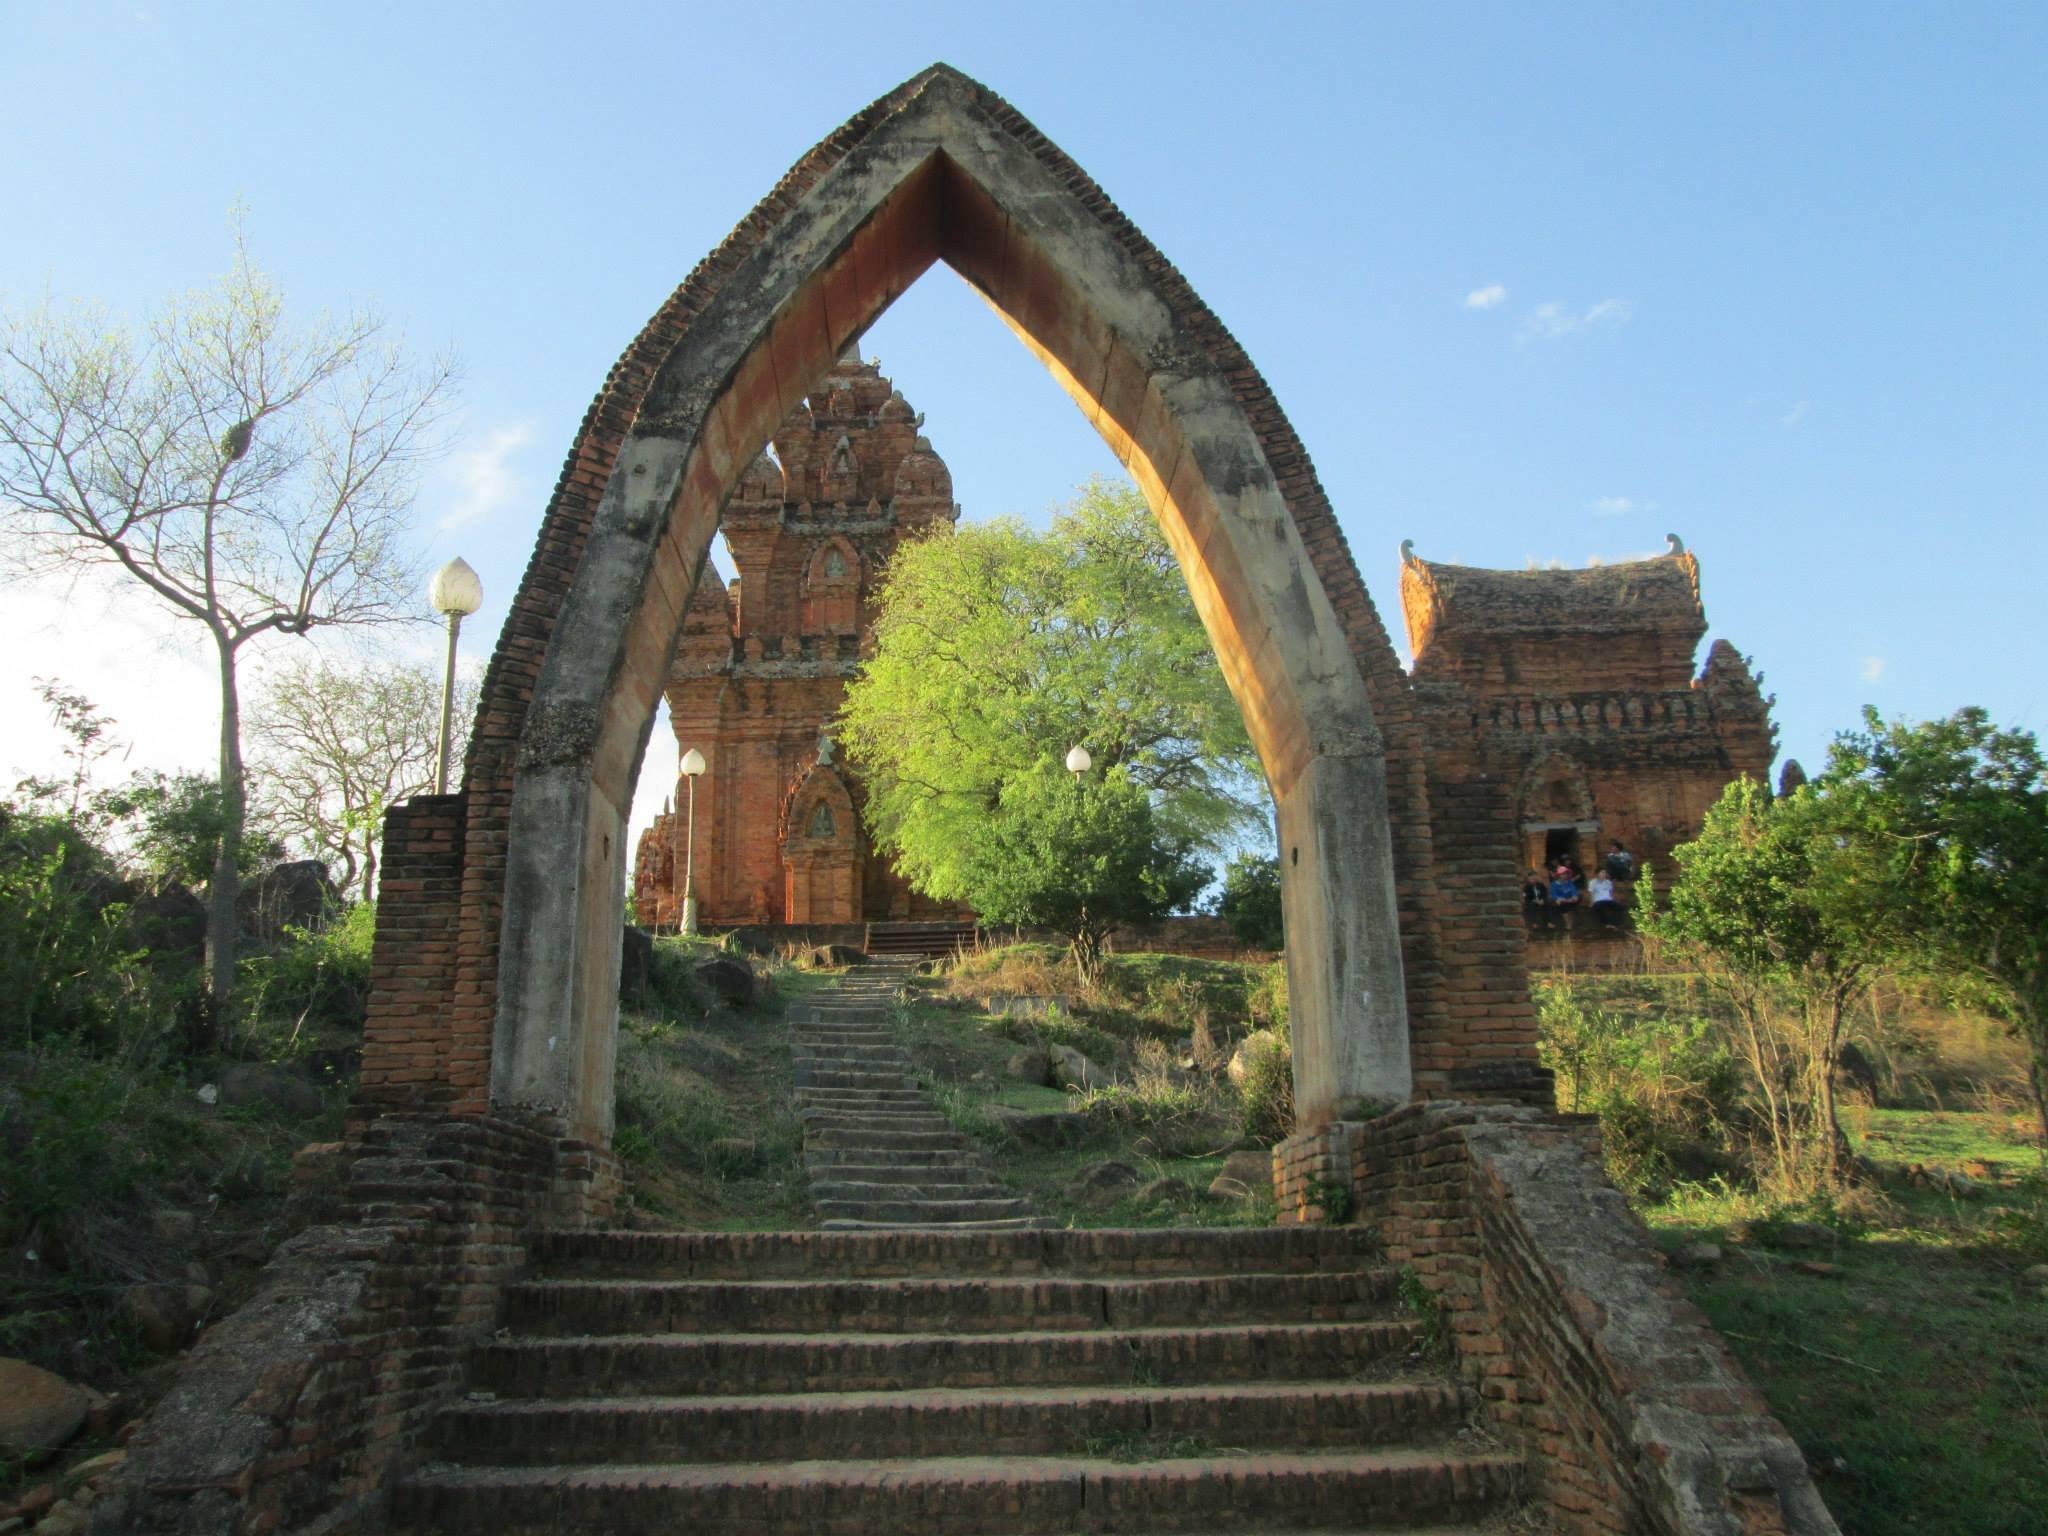 Bảo tồn, phát huy bản sắc văn hóa dân tộc gắn với phát triển du lịch tỉnh Ninh Thuận